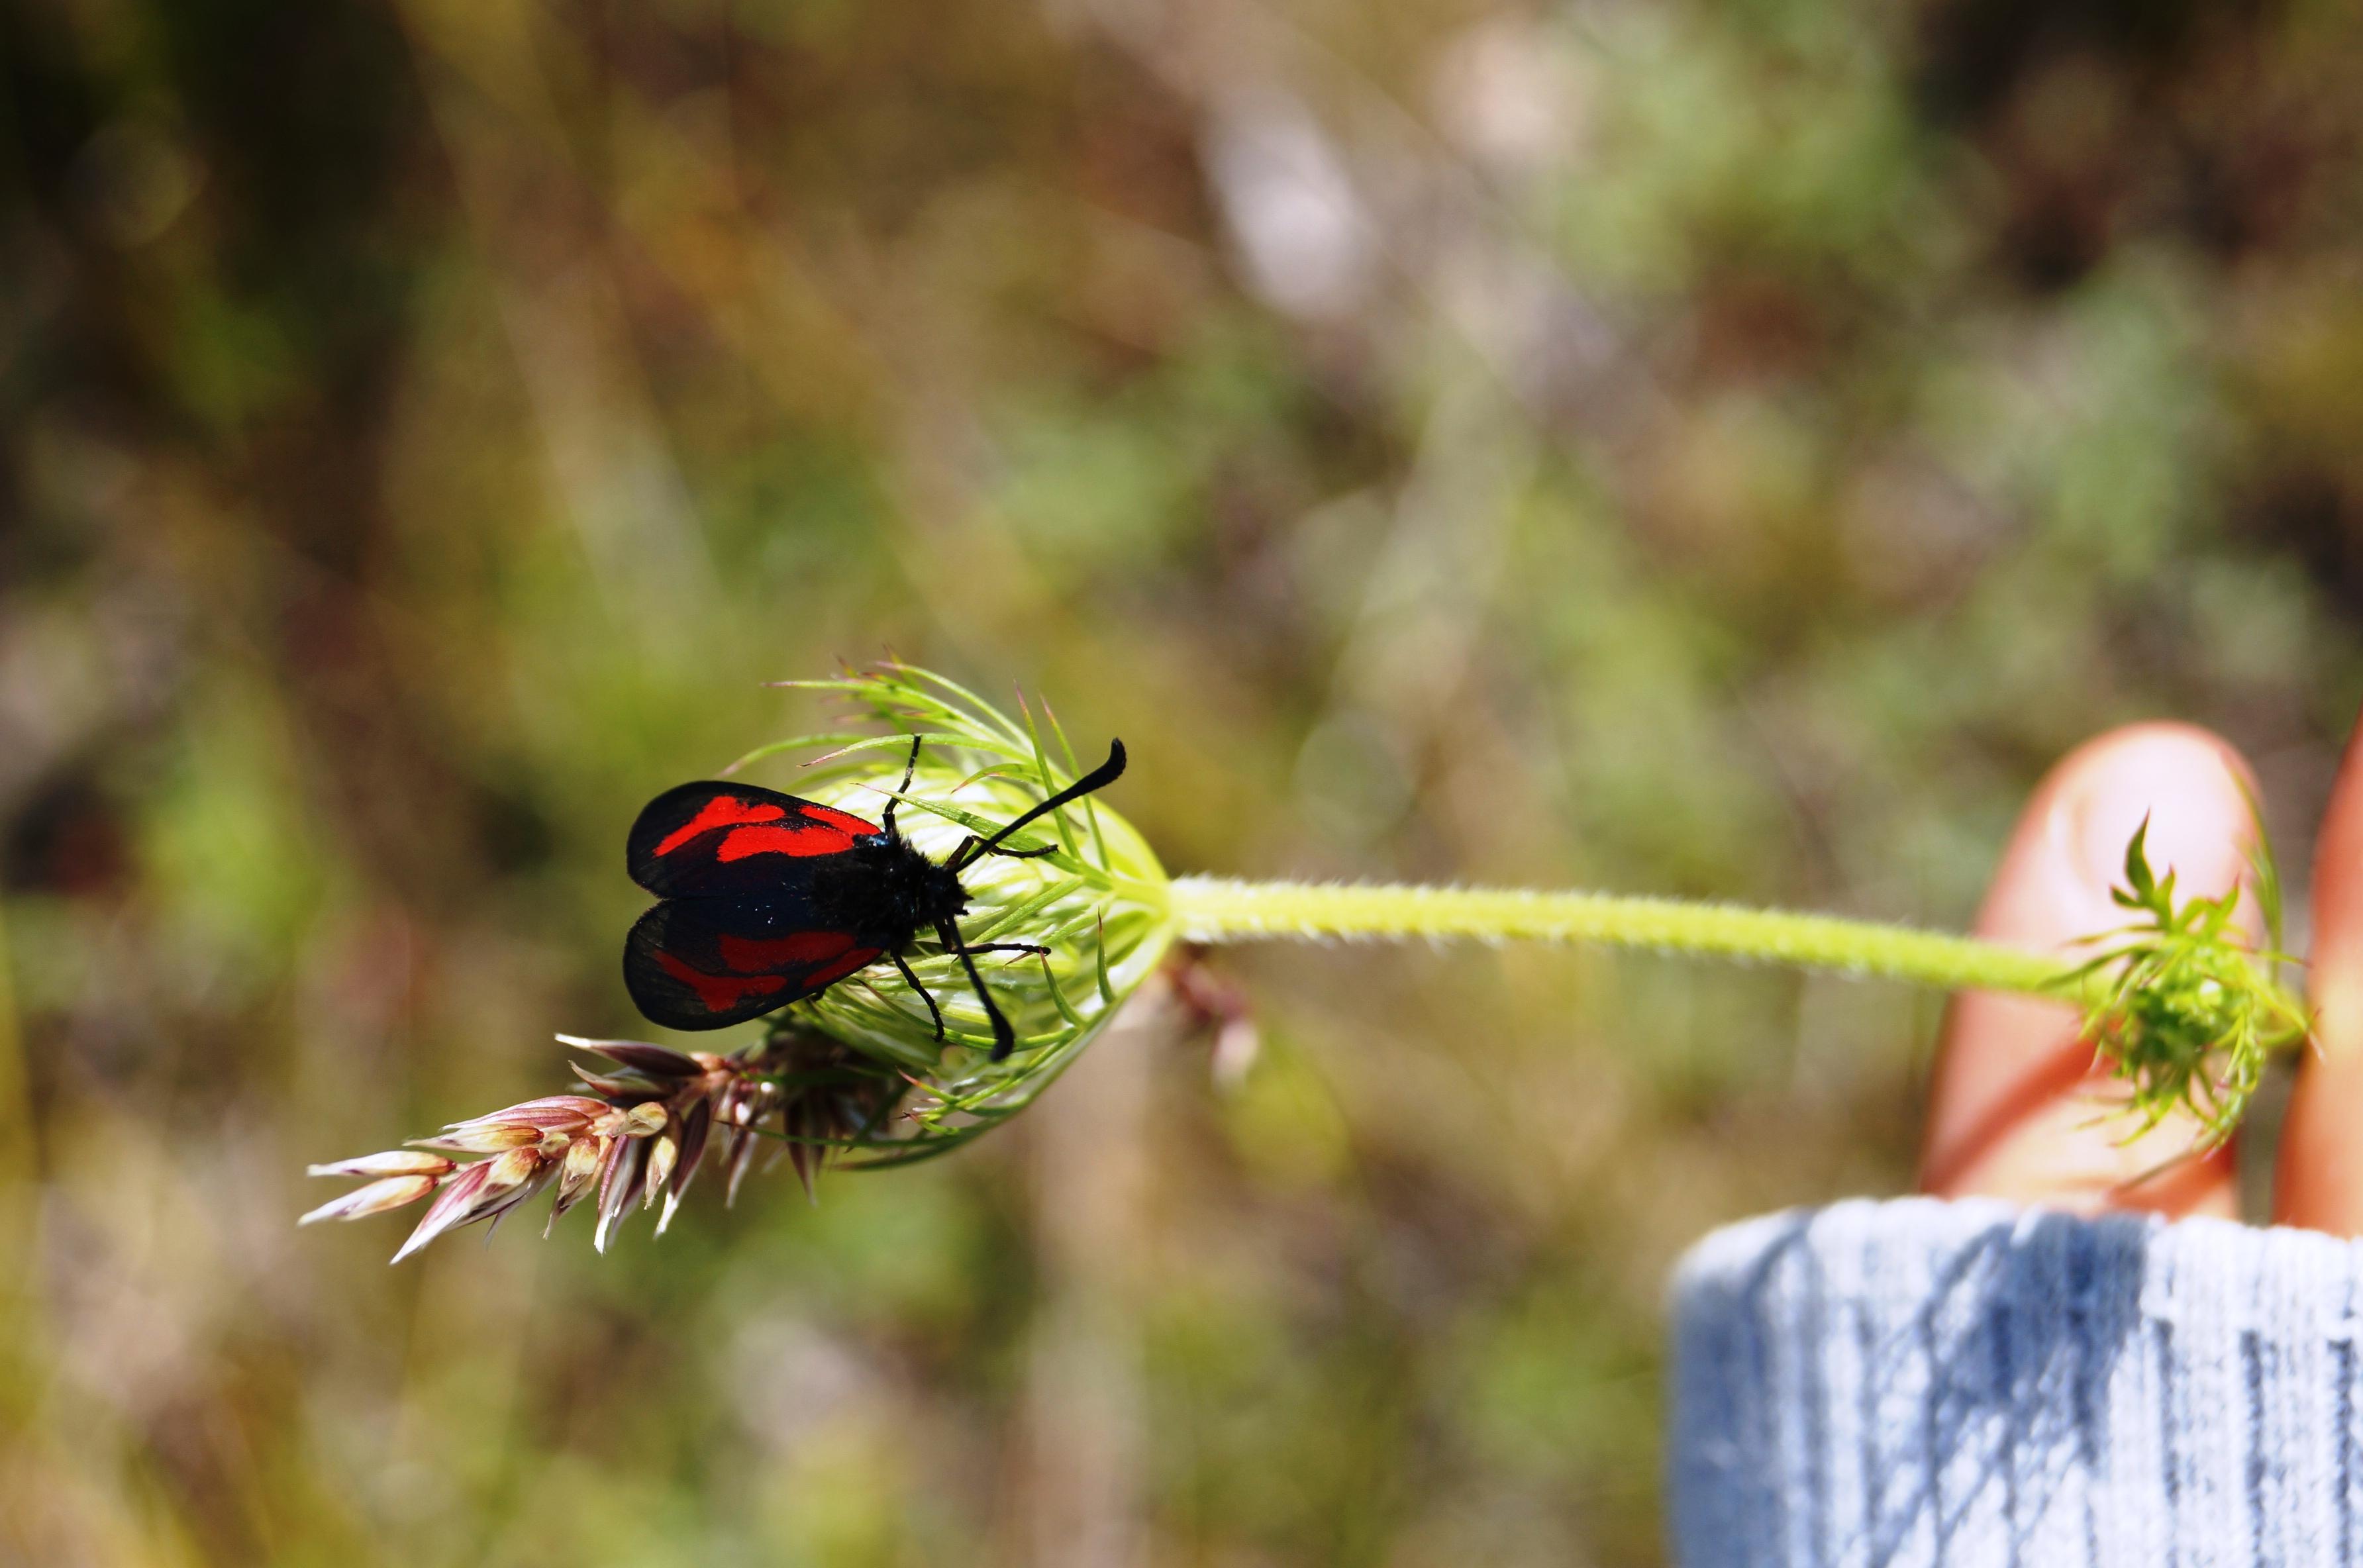 Svart och röd insekt. Foto Anneli Uusitalo, Vackert.Nu